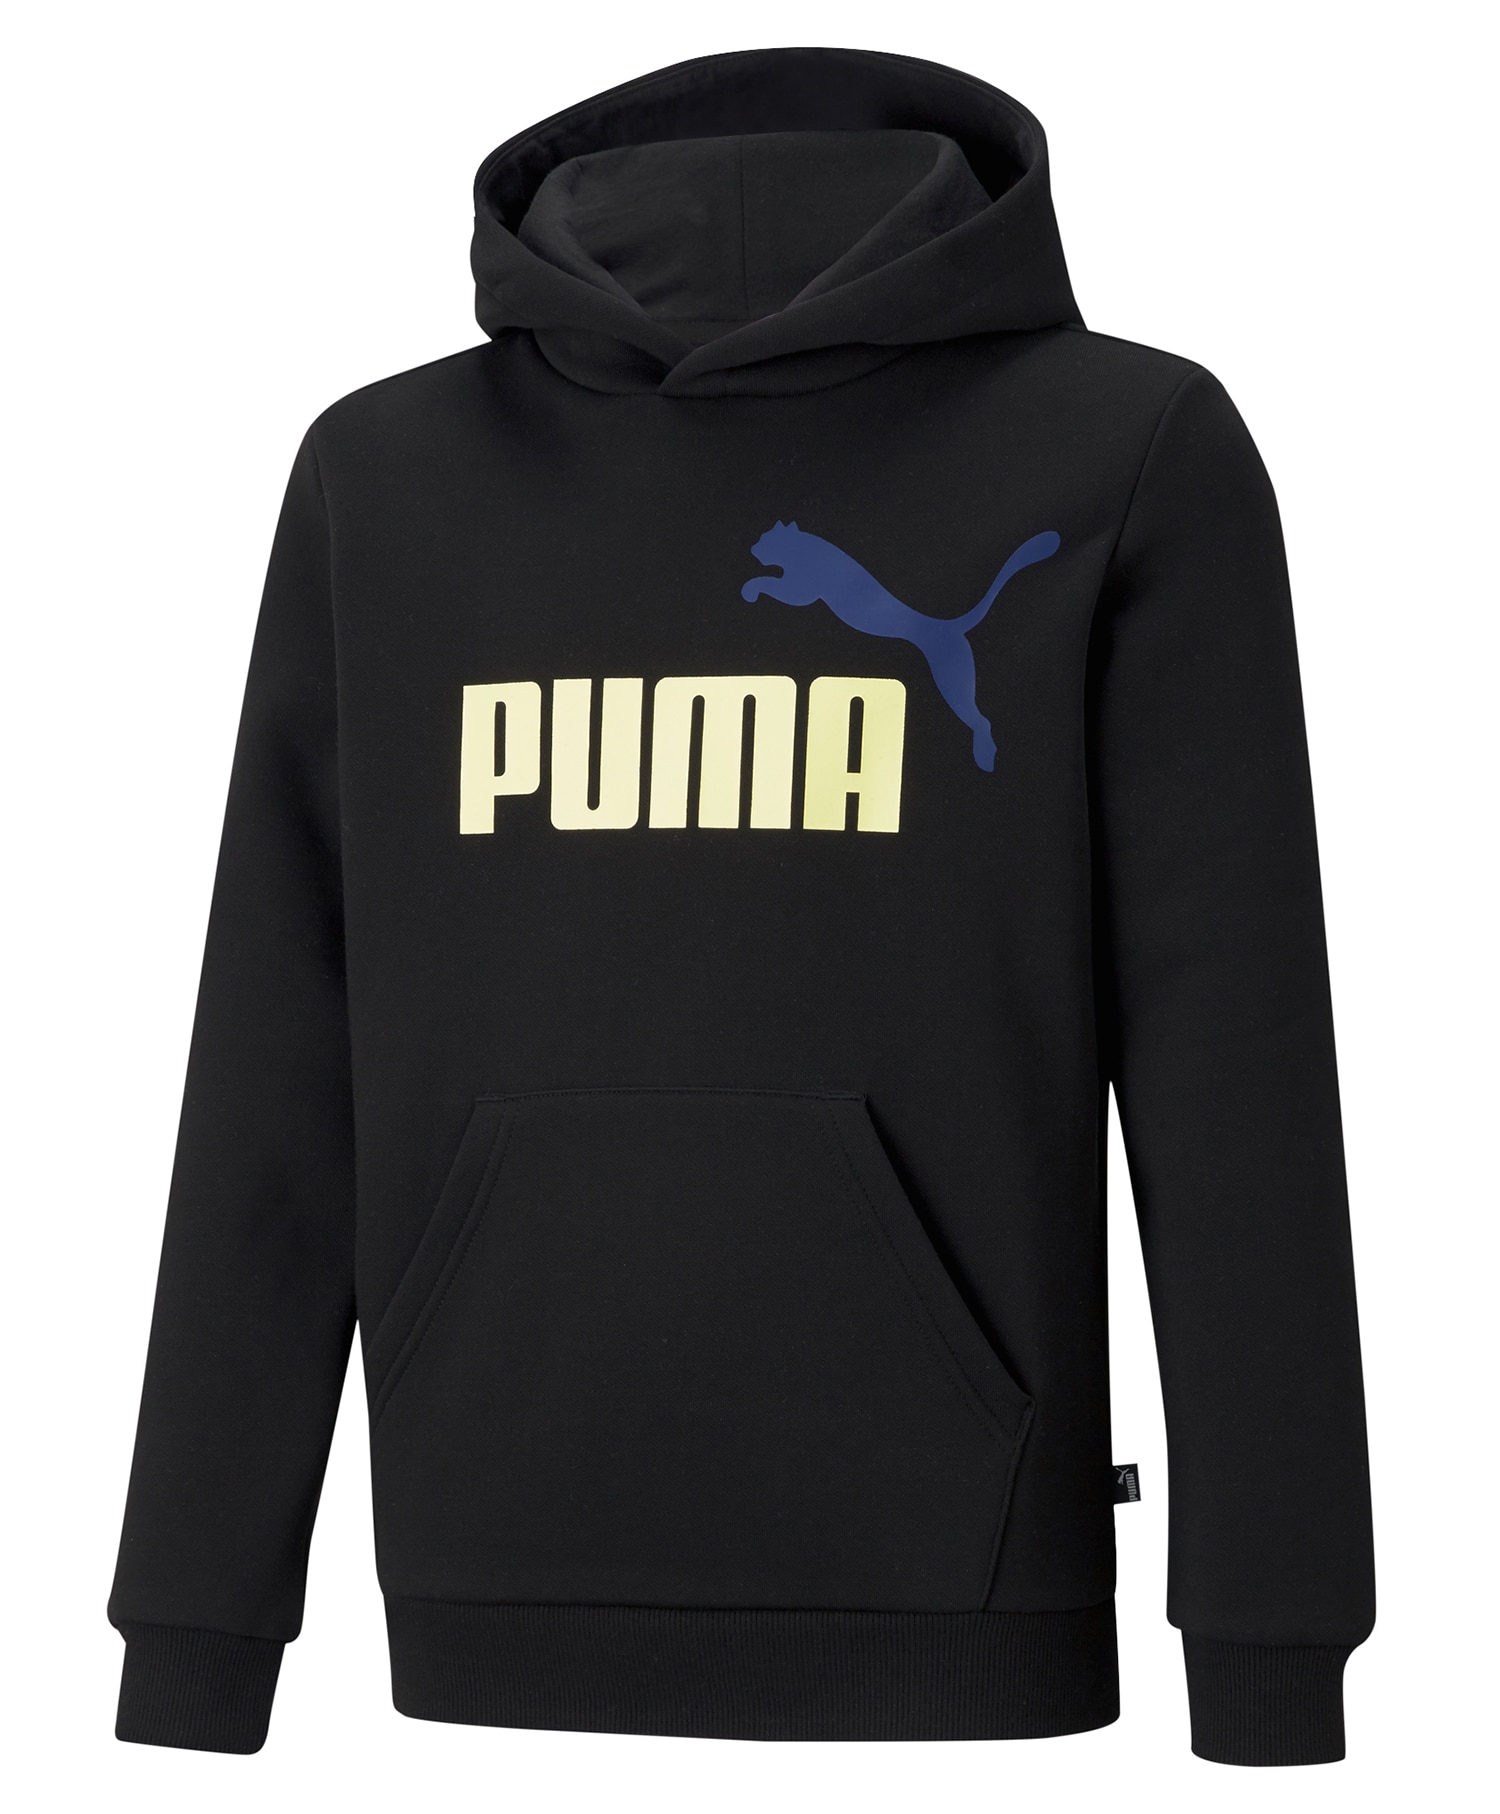 Puma Ess Big Logo